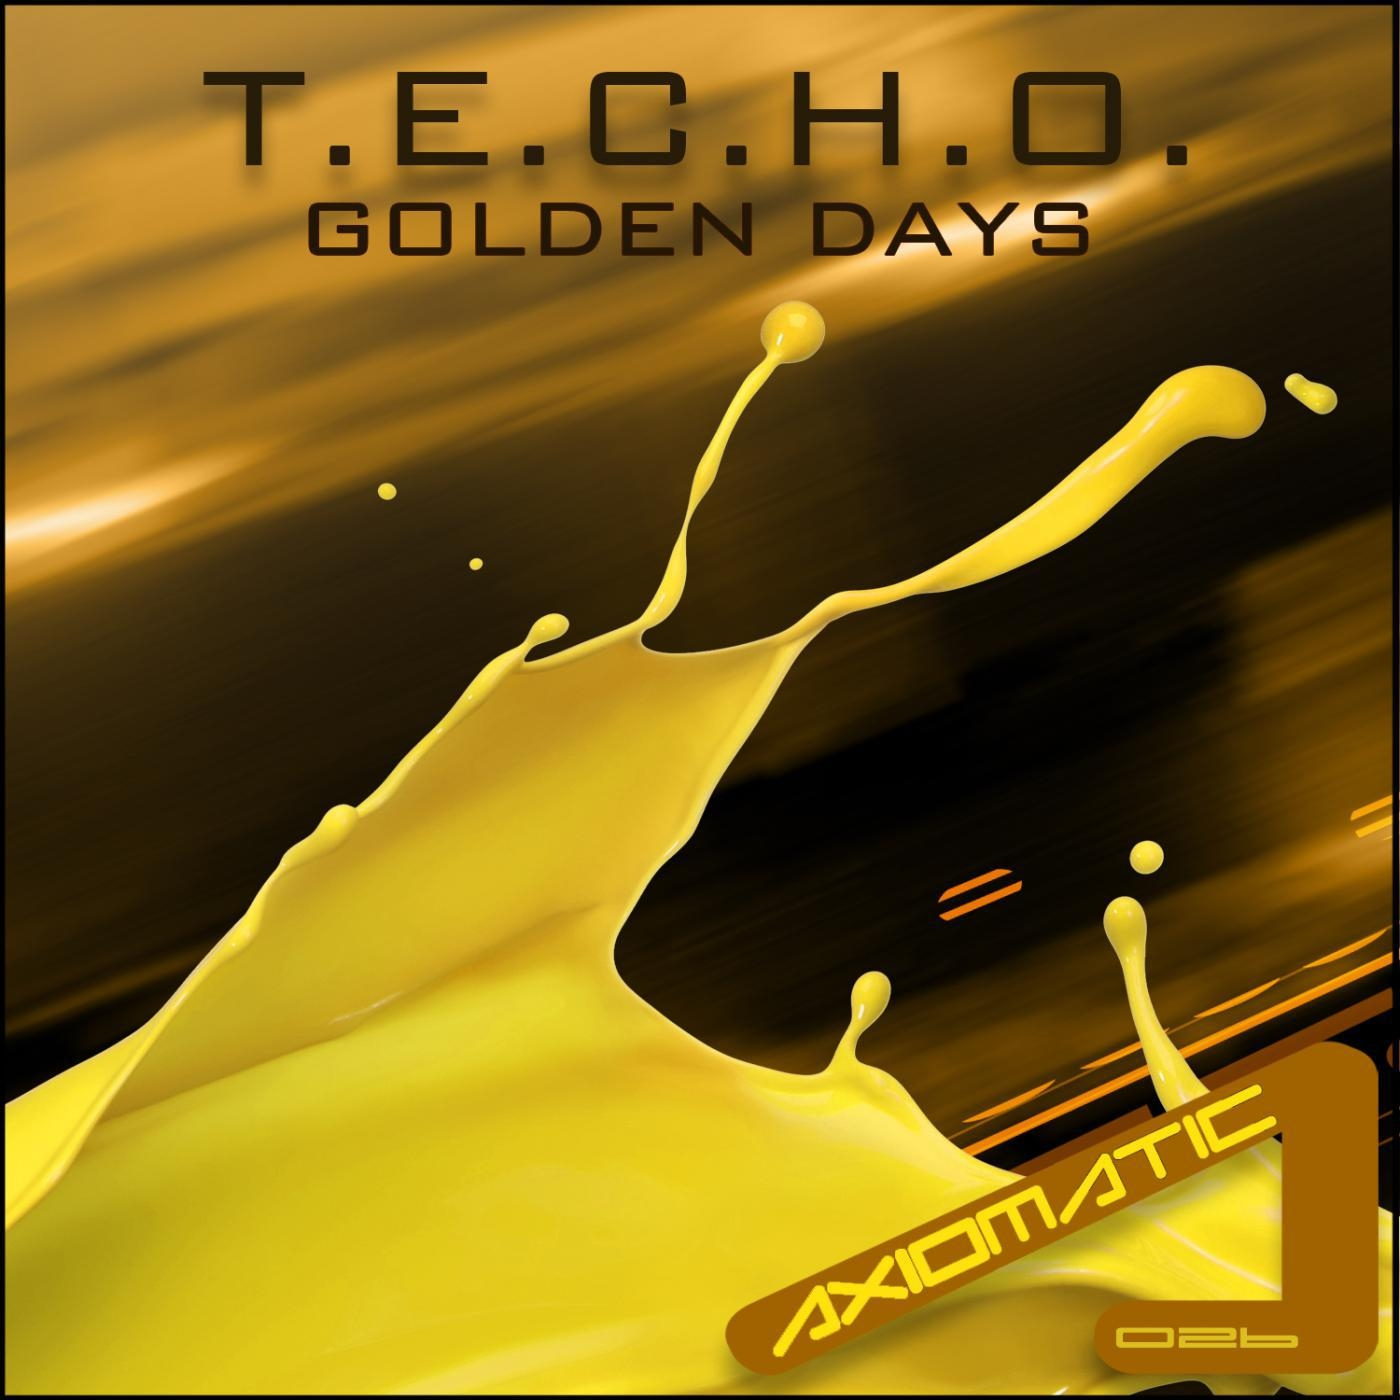 T.E.C.H.O. - Eclipse (Original mix)